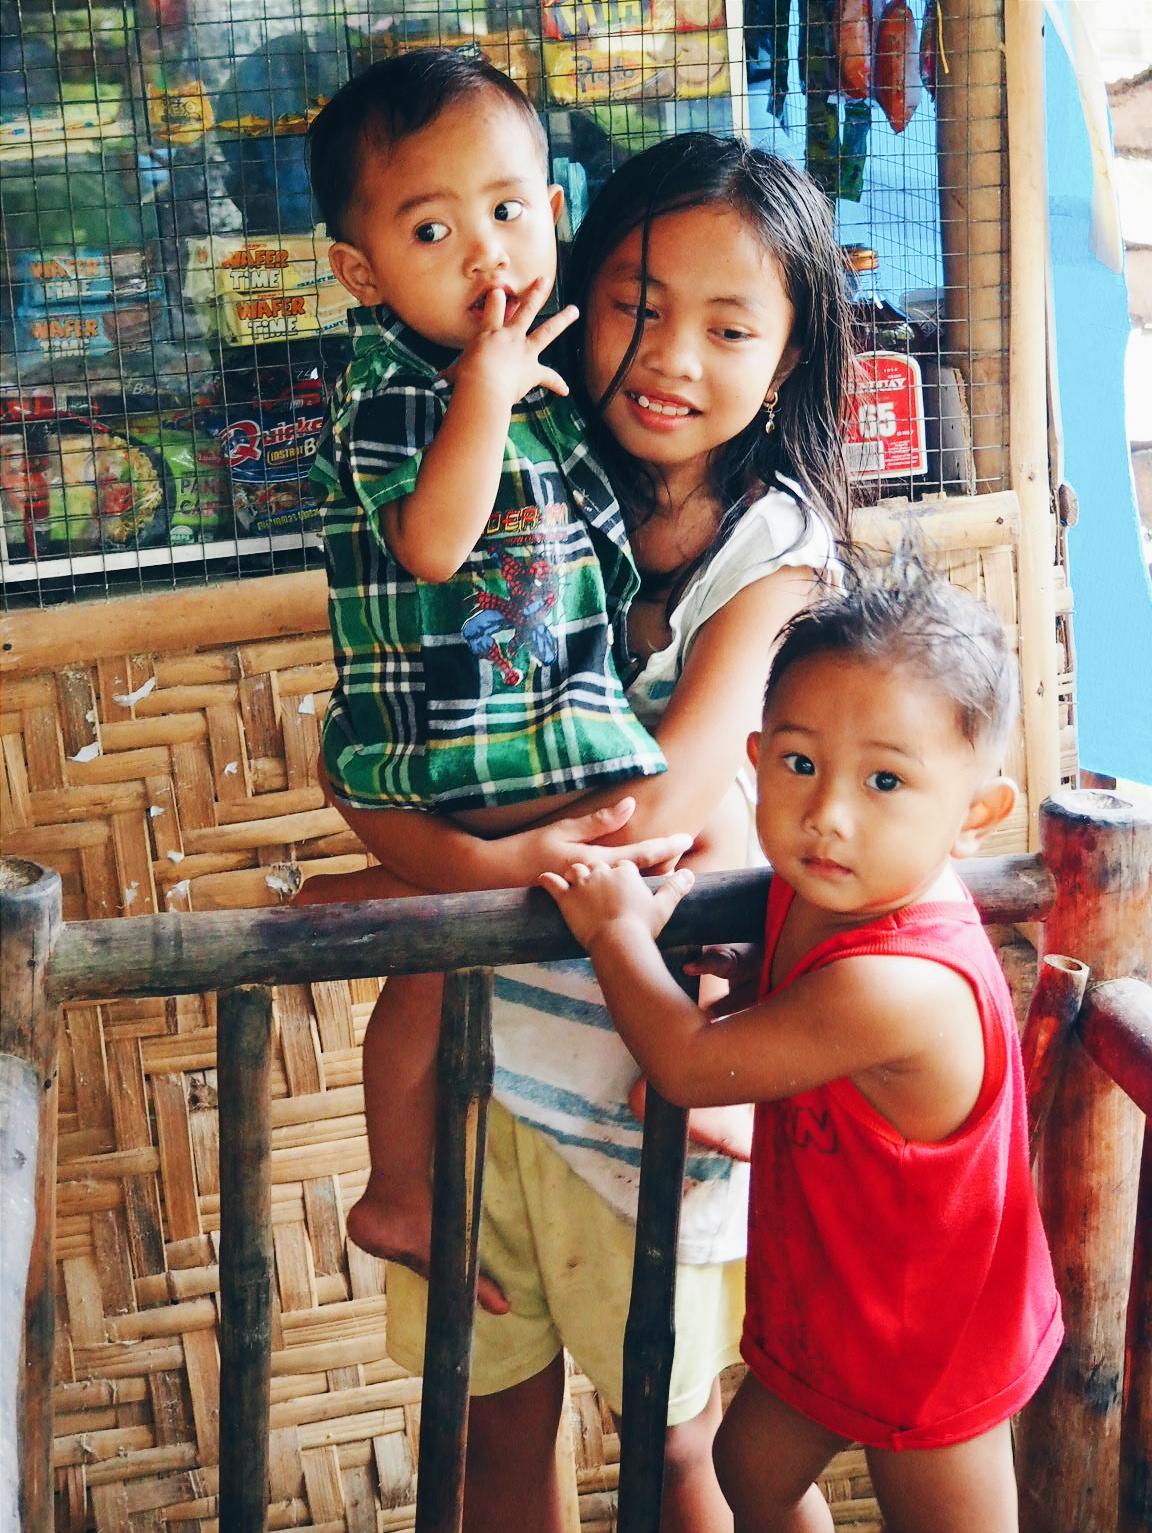 Children Philippines